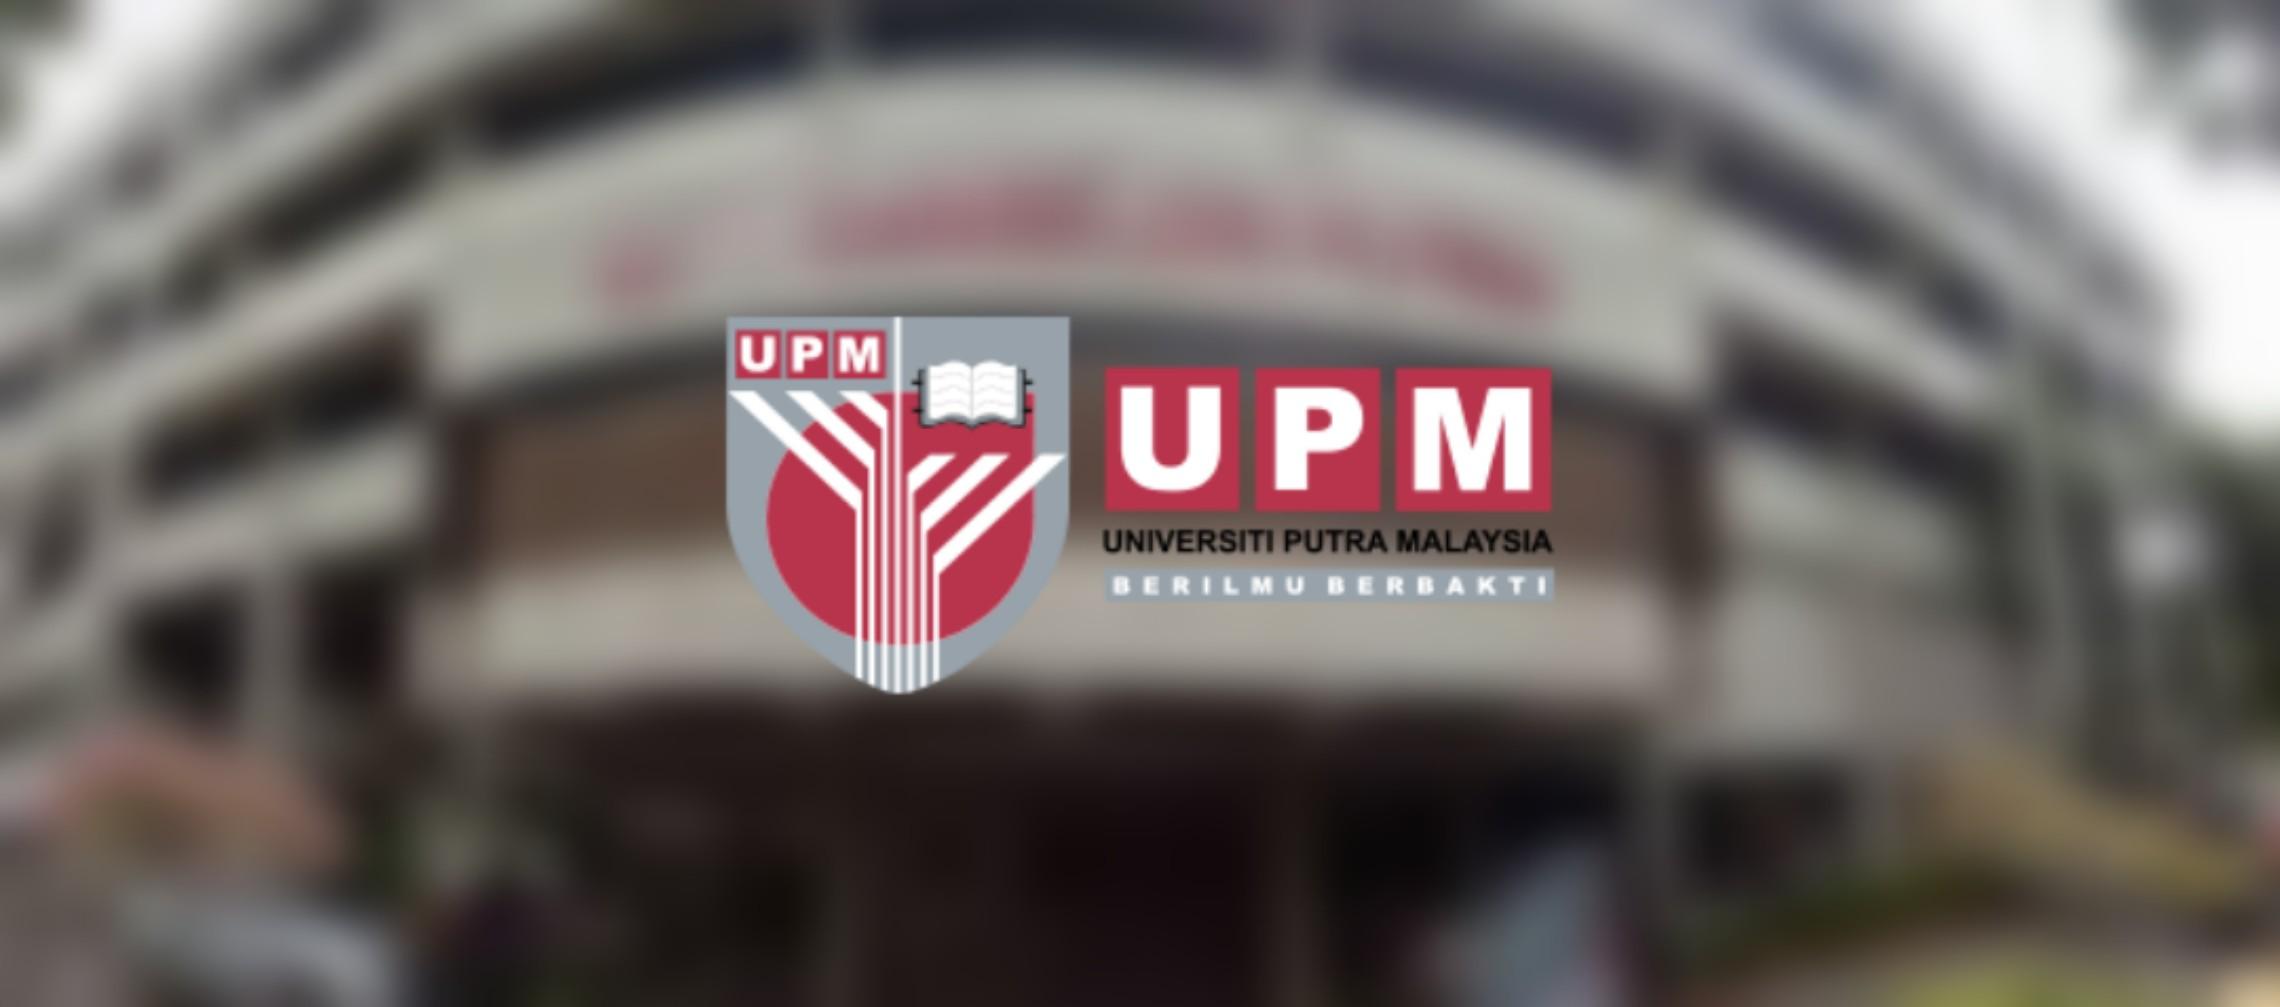 Syarat Kemasukan Upm 2020 Universiti Putra Malaysia